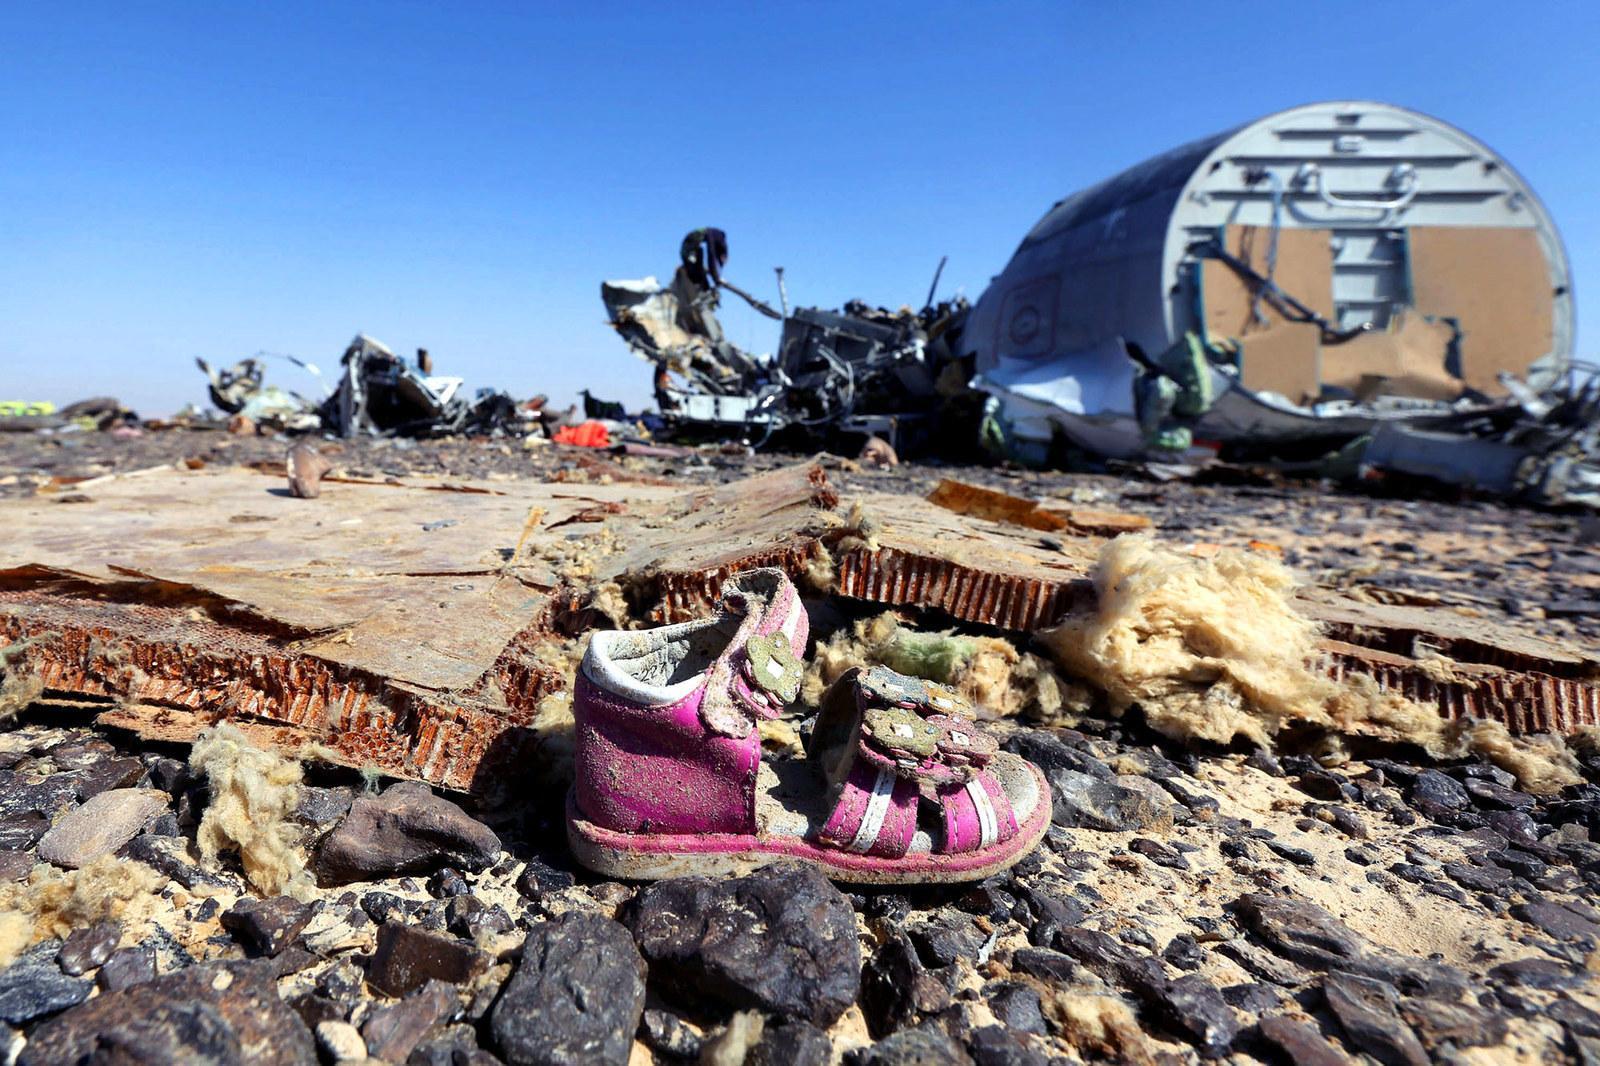 совету других фото людей с разбившегося самолета из египта бренда